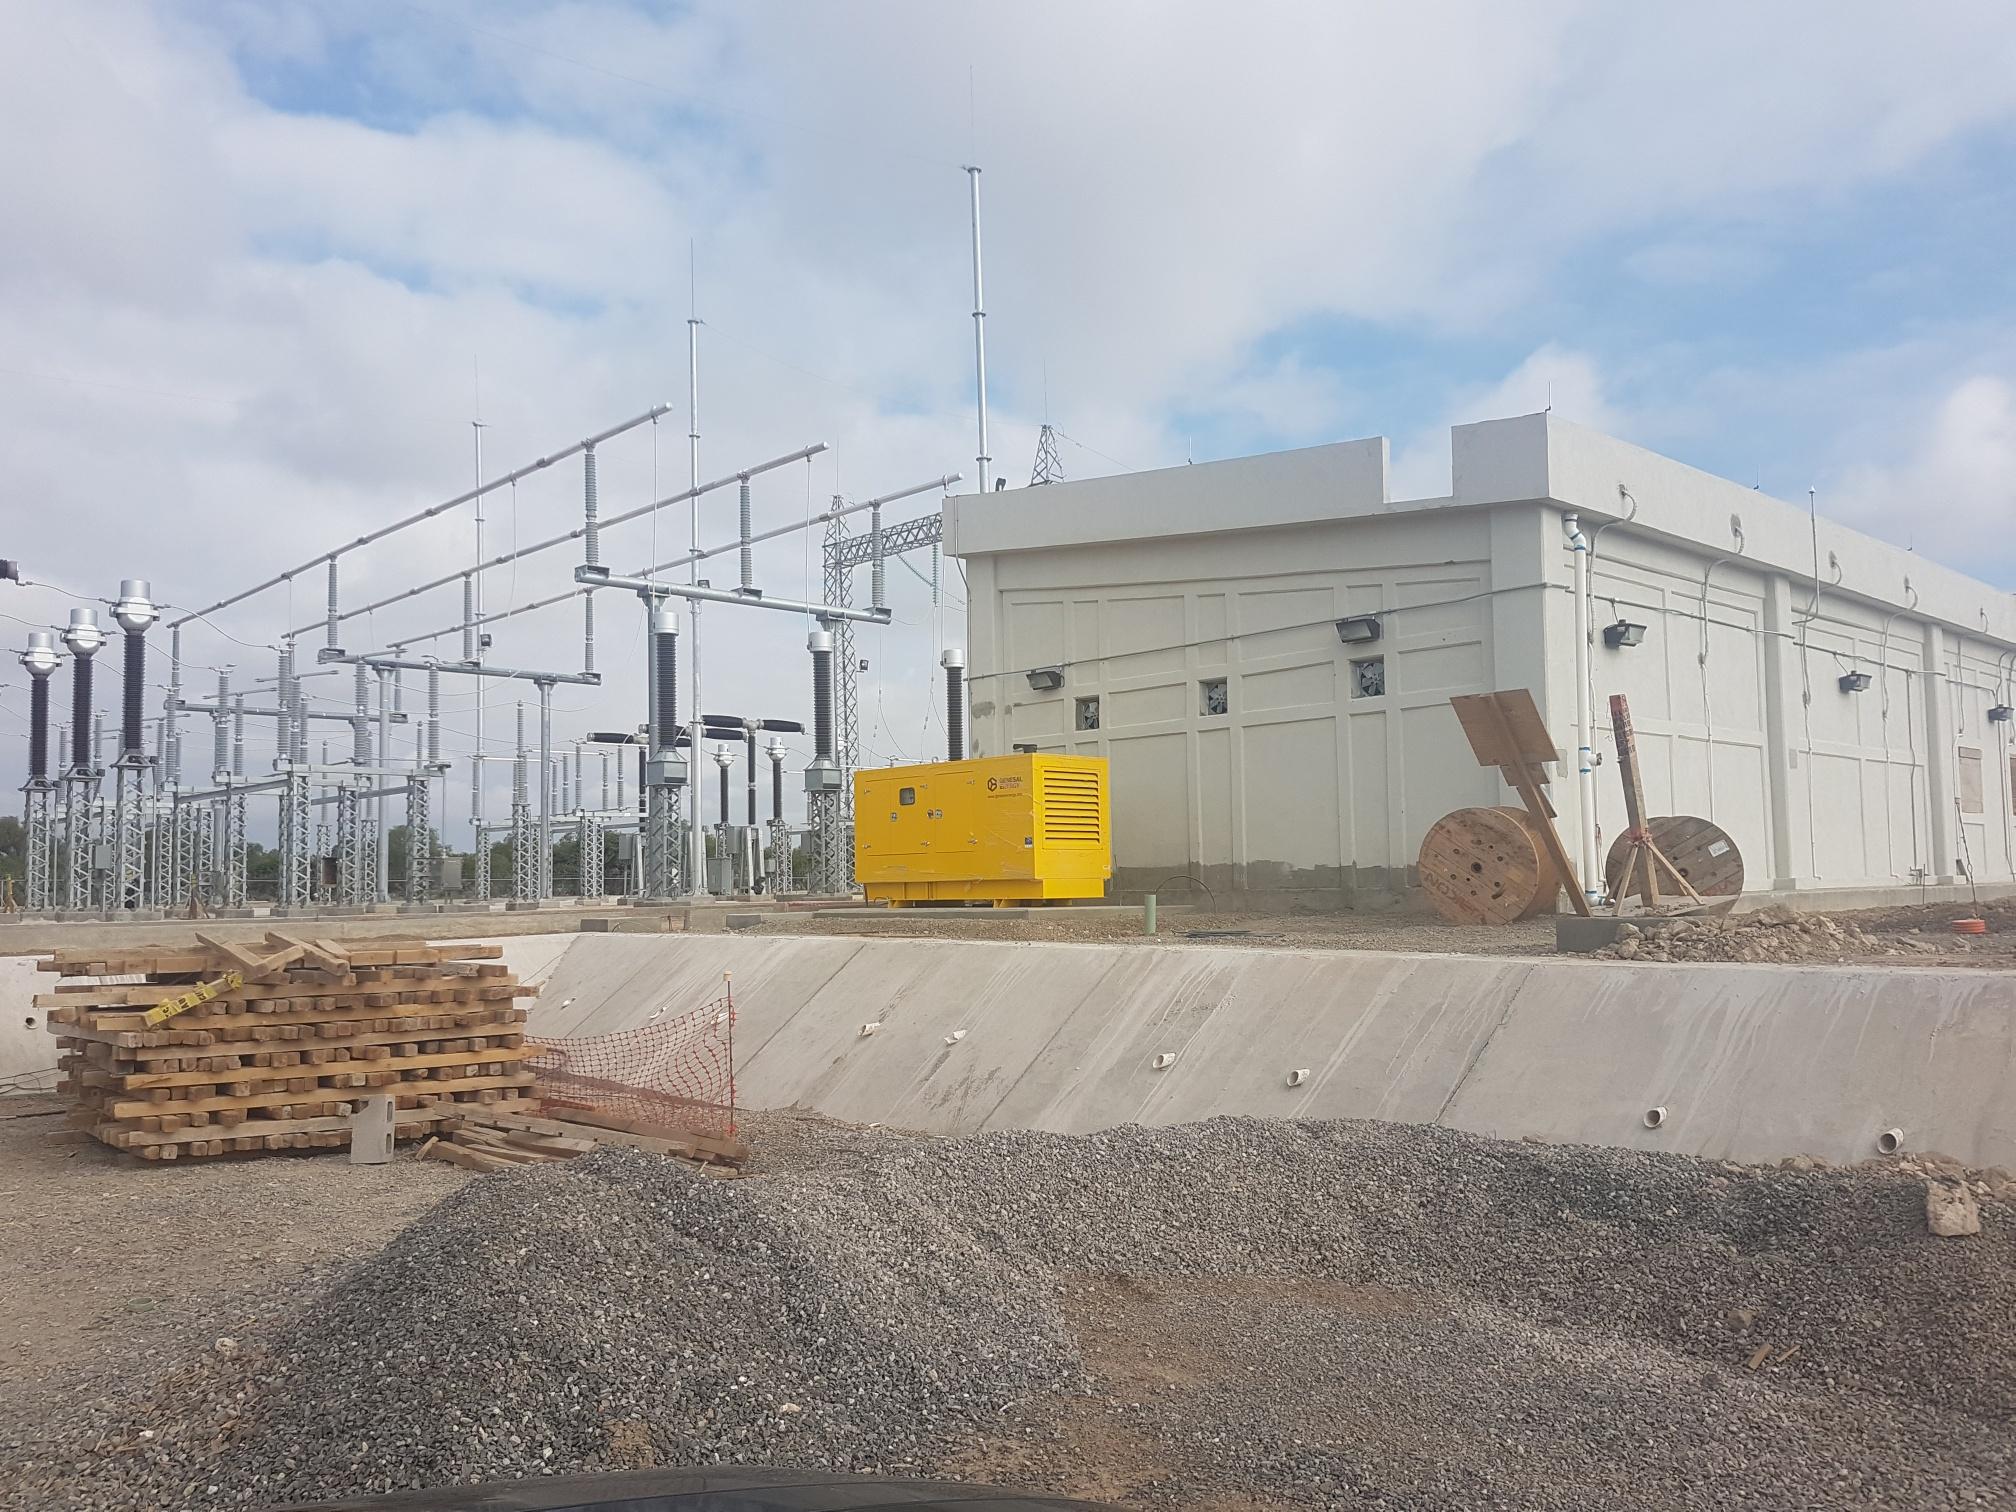 Grupo electrógeno instalado en la central fotovoltaica